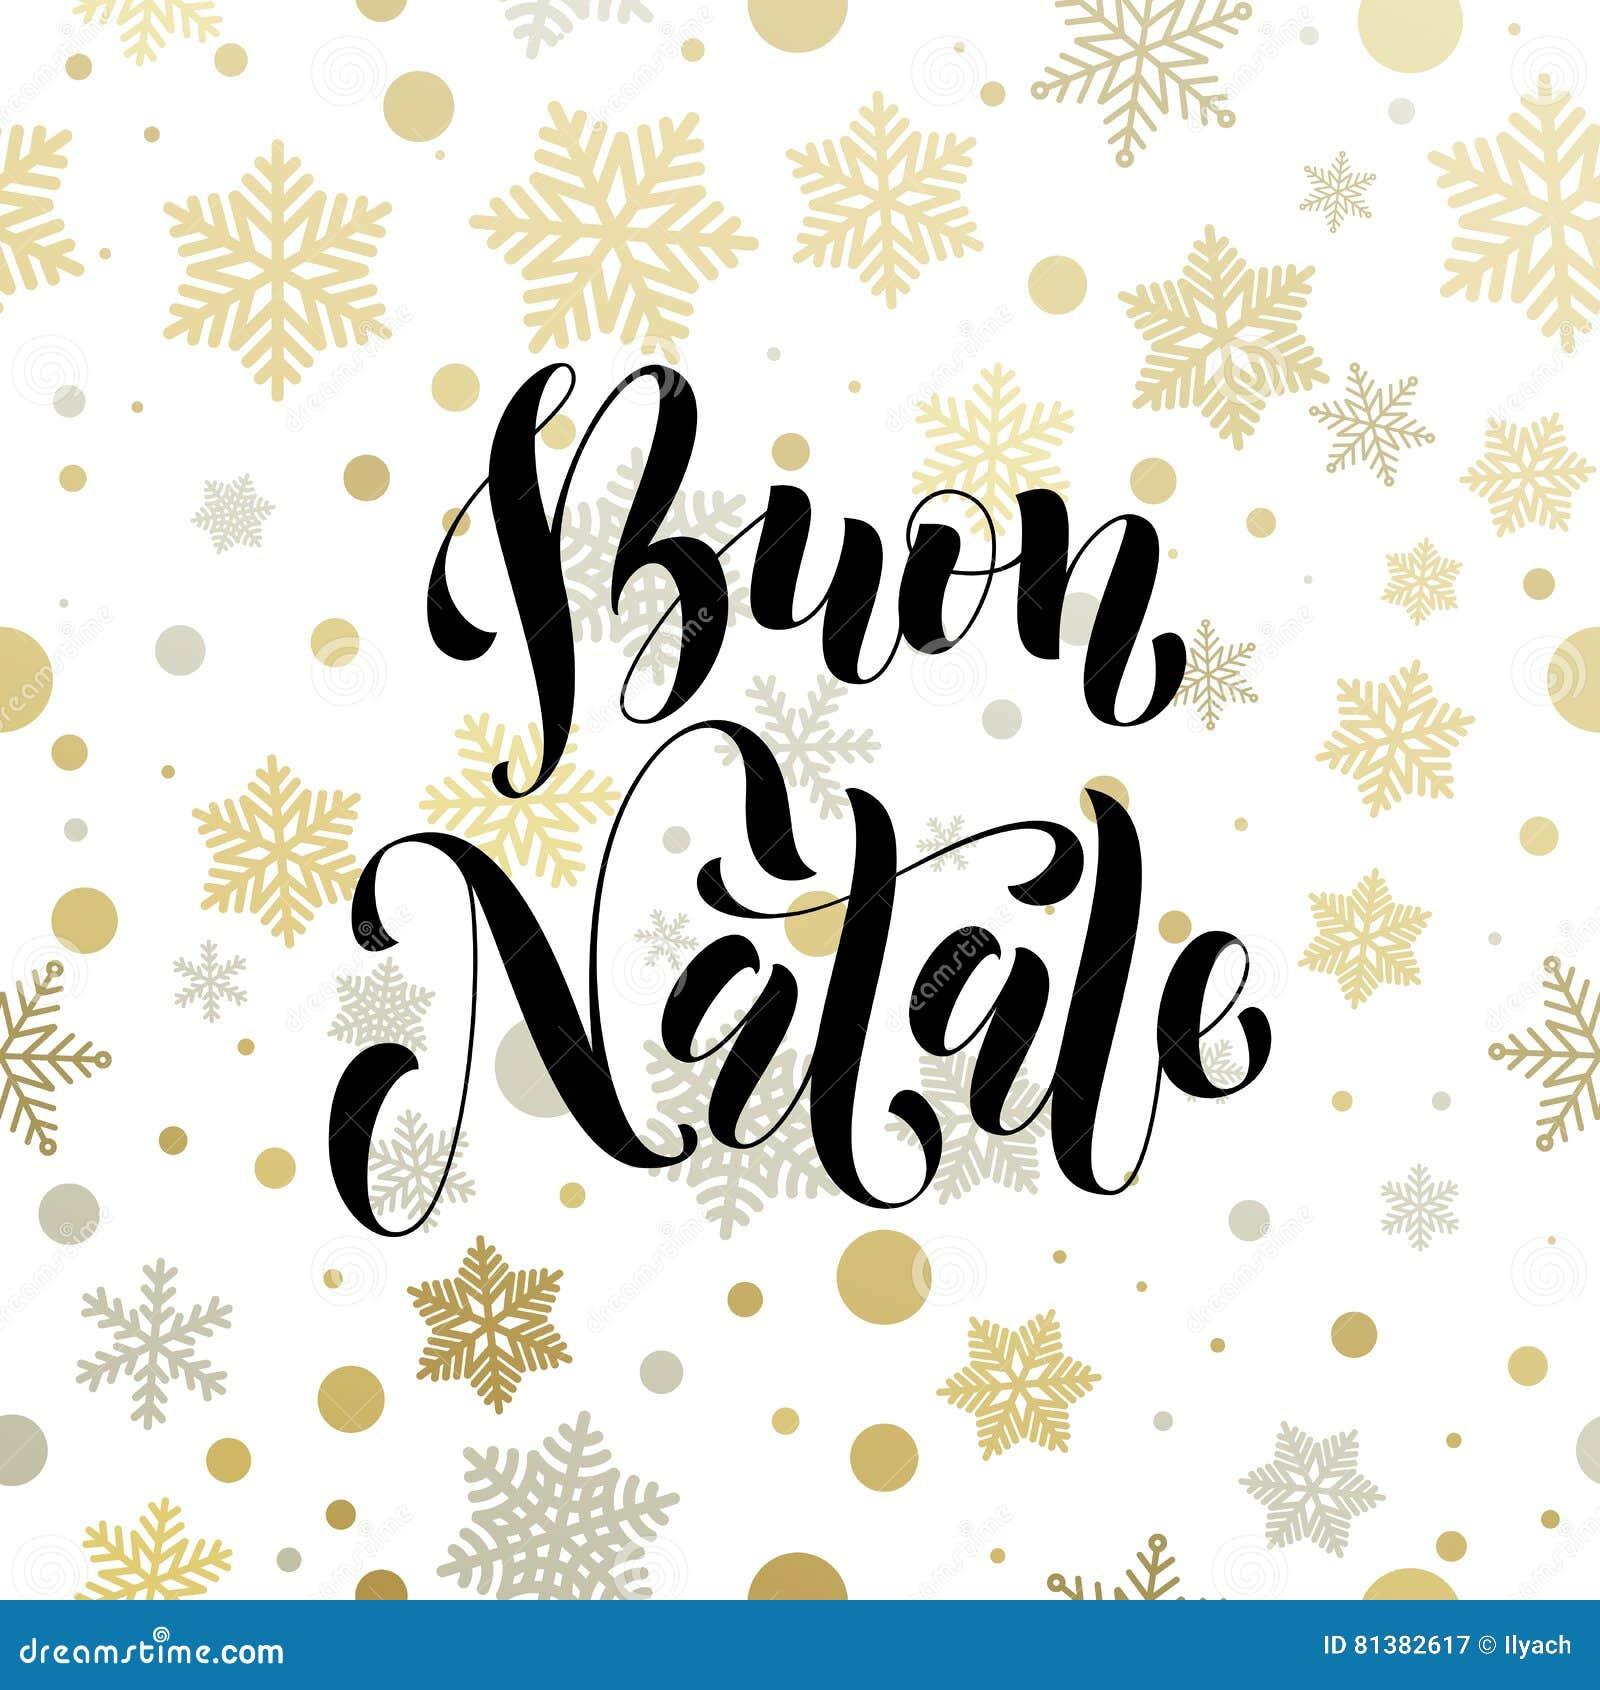 Buon Natale Italia.Natale Nell Iscrizione Dorata Della Cartolina D Auguri Dell Italia Buon Natale Illustrazione Di Stock Illustrazione Di Allegro Italia 81382617